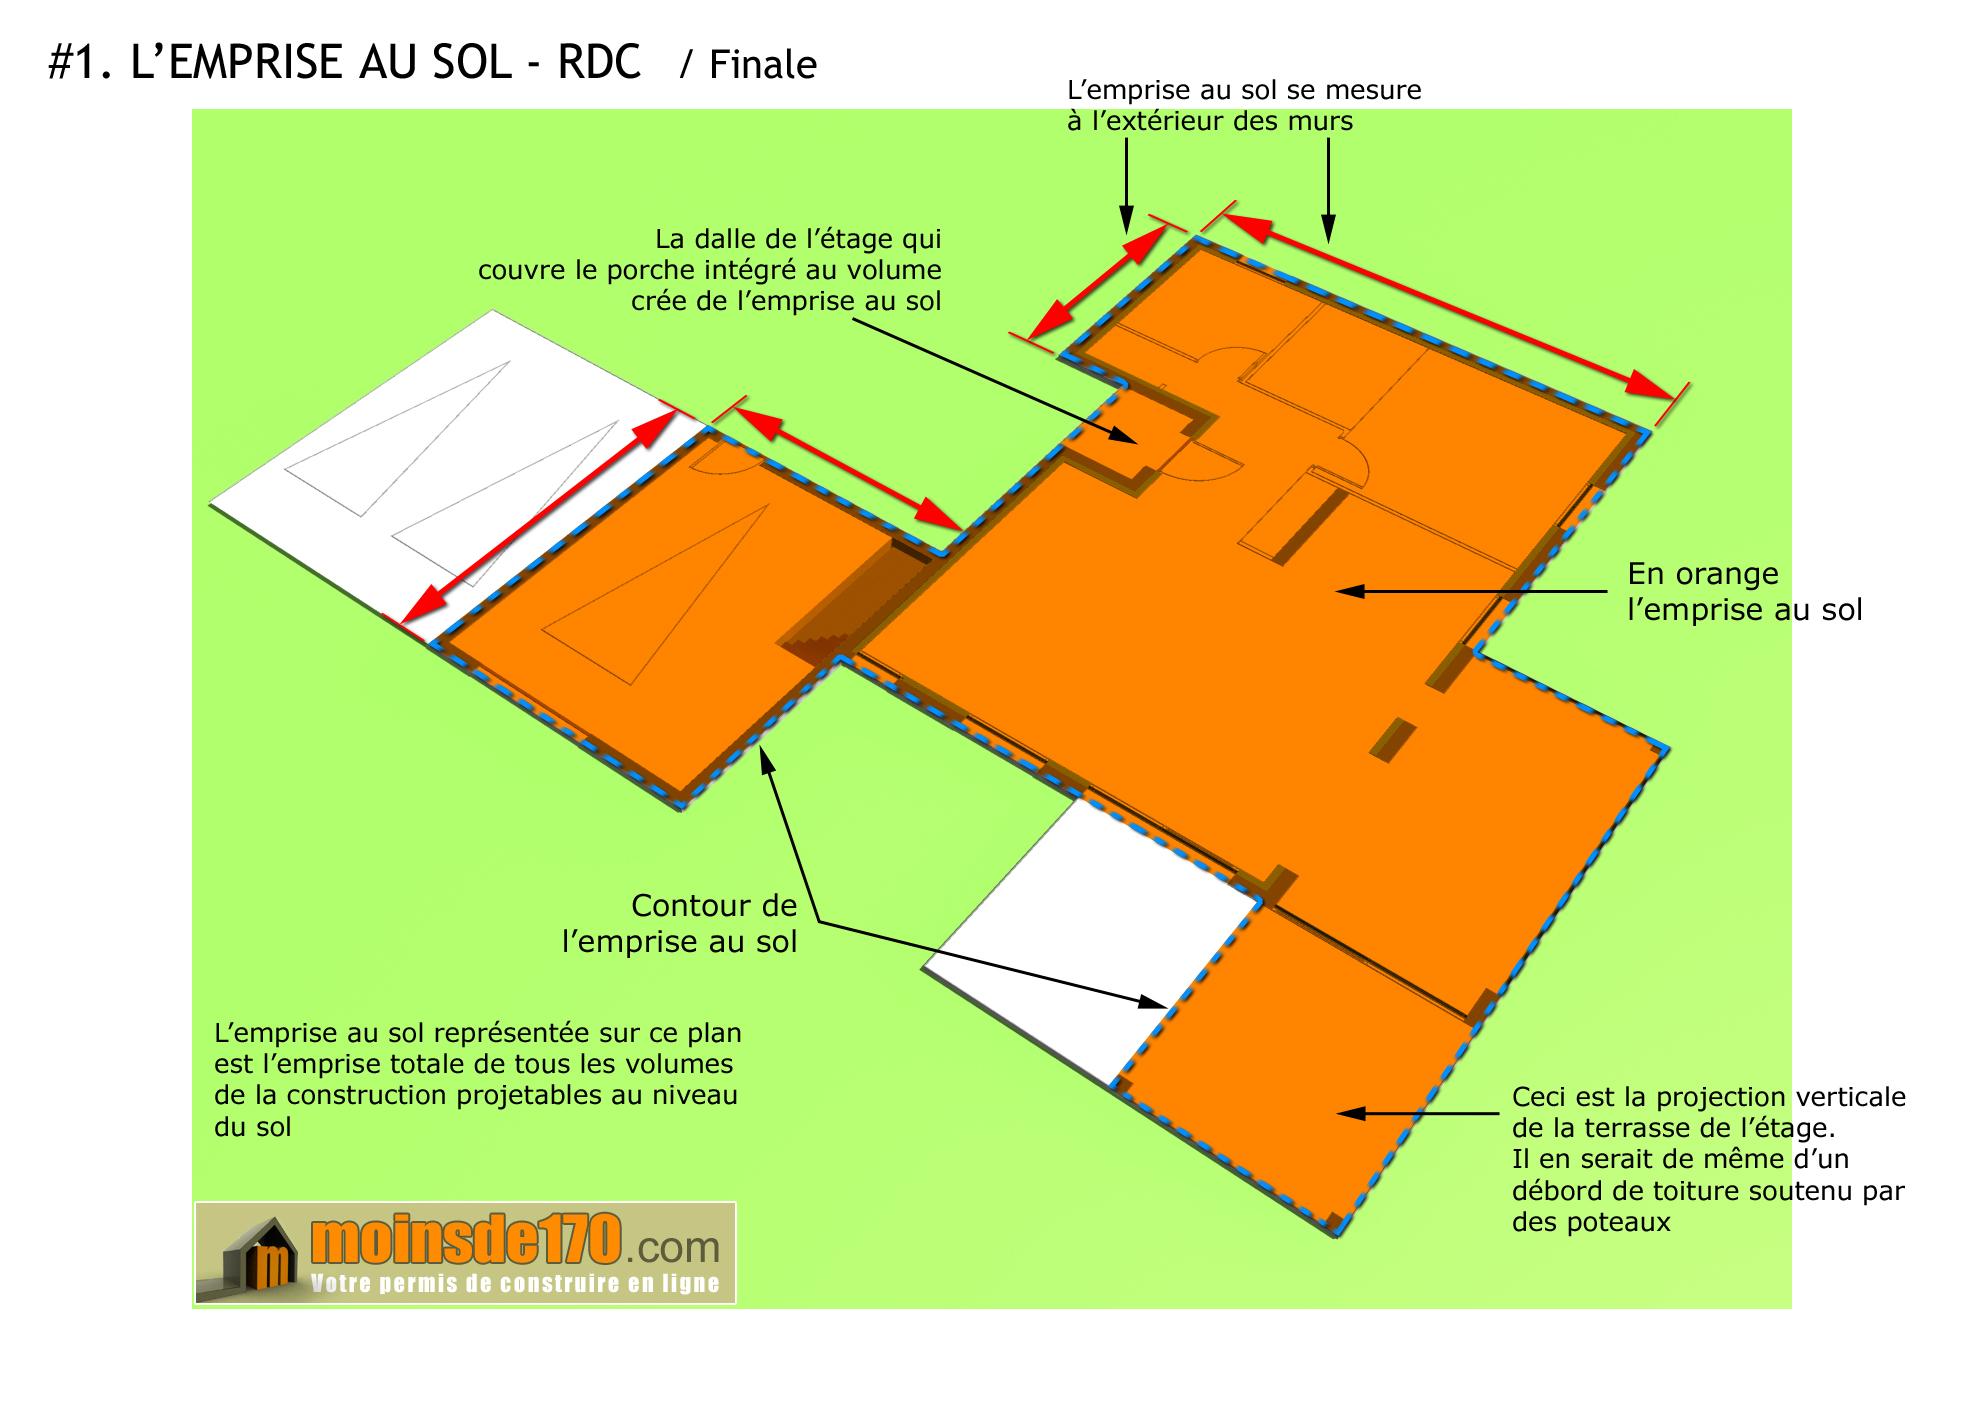 Couvrir Une Terrasse Permis De Construire l'emprise au sol illustrée sur un projet concret de maison